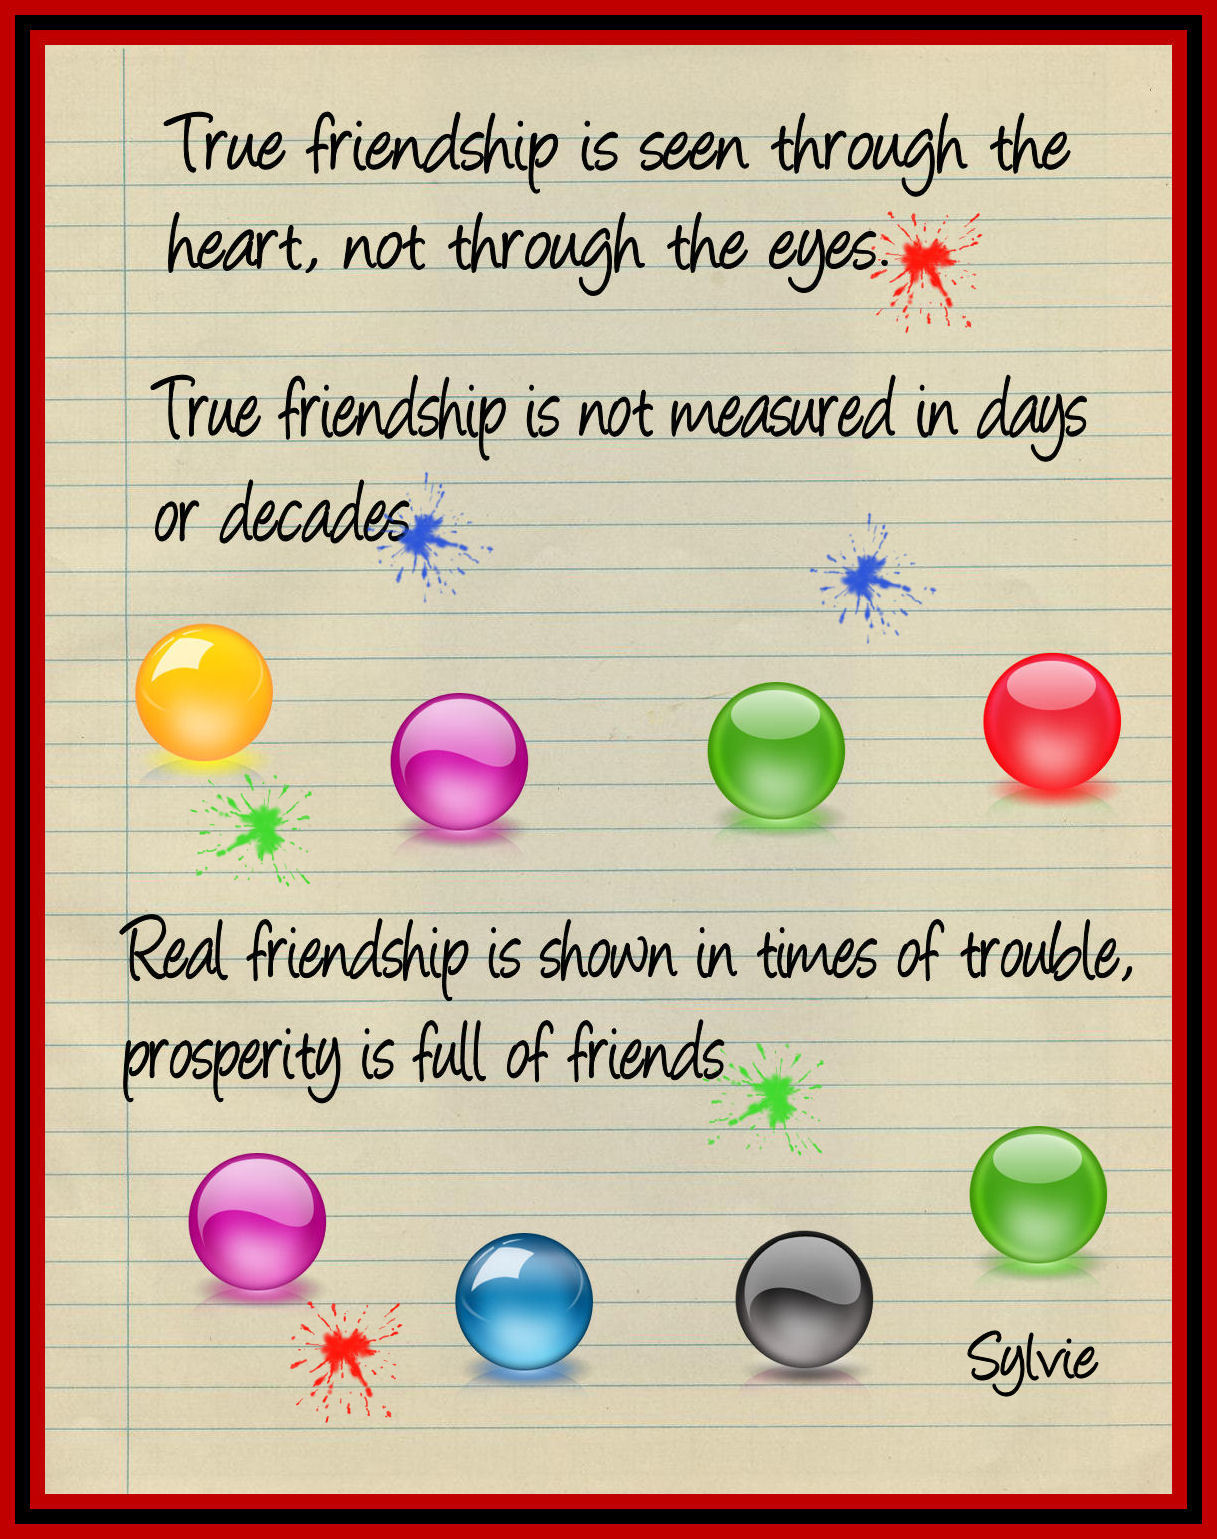 Kata Kata Mutiara Tentang Persahabatan